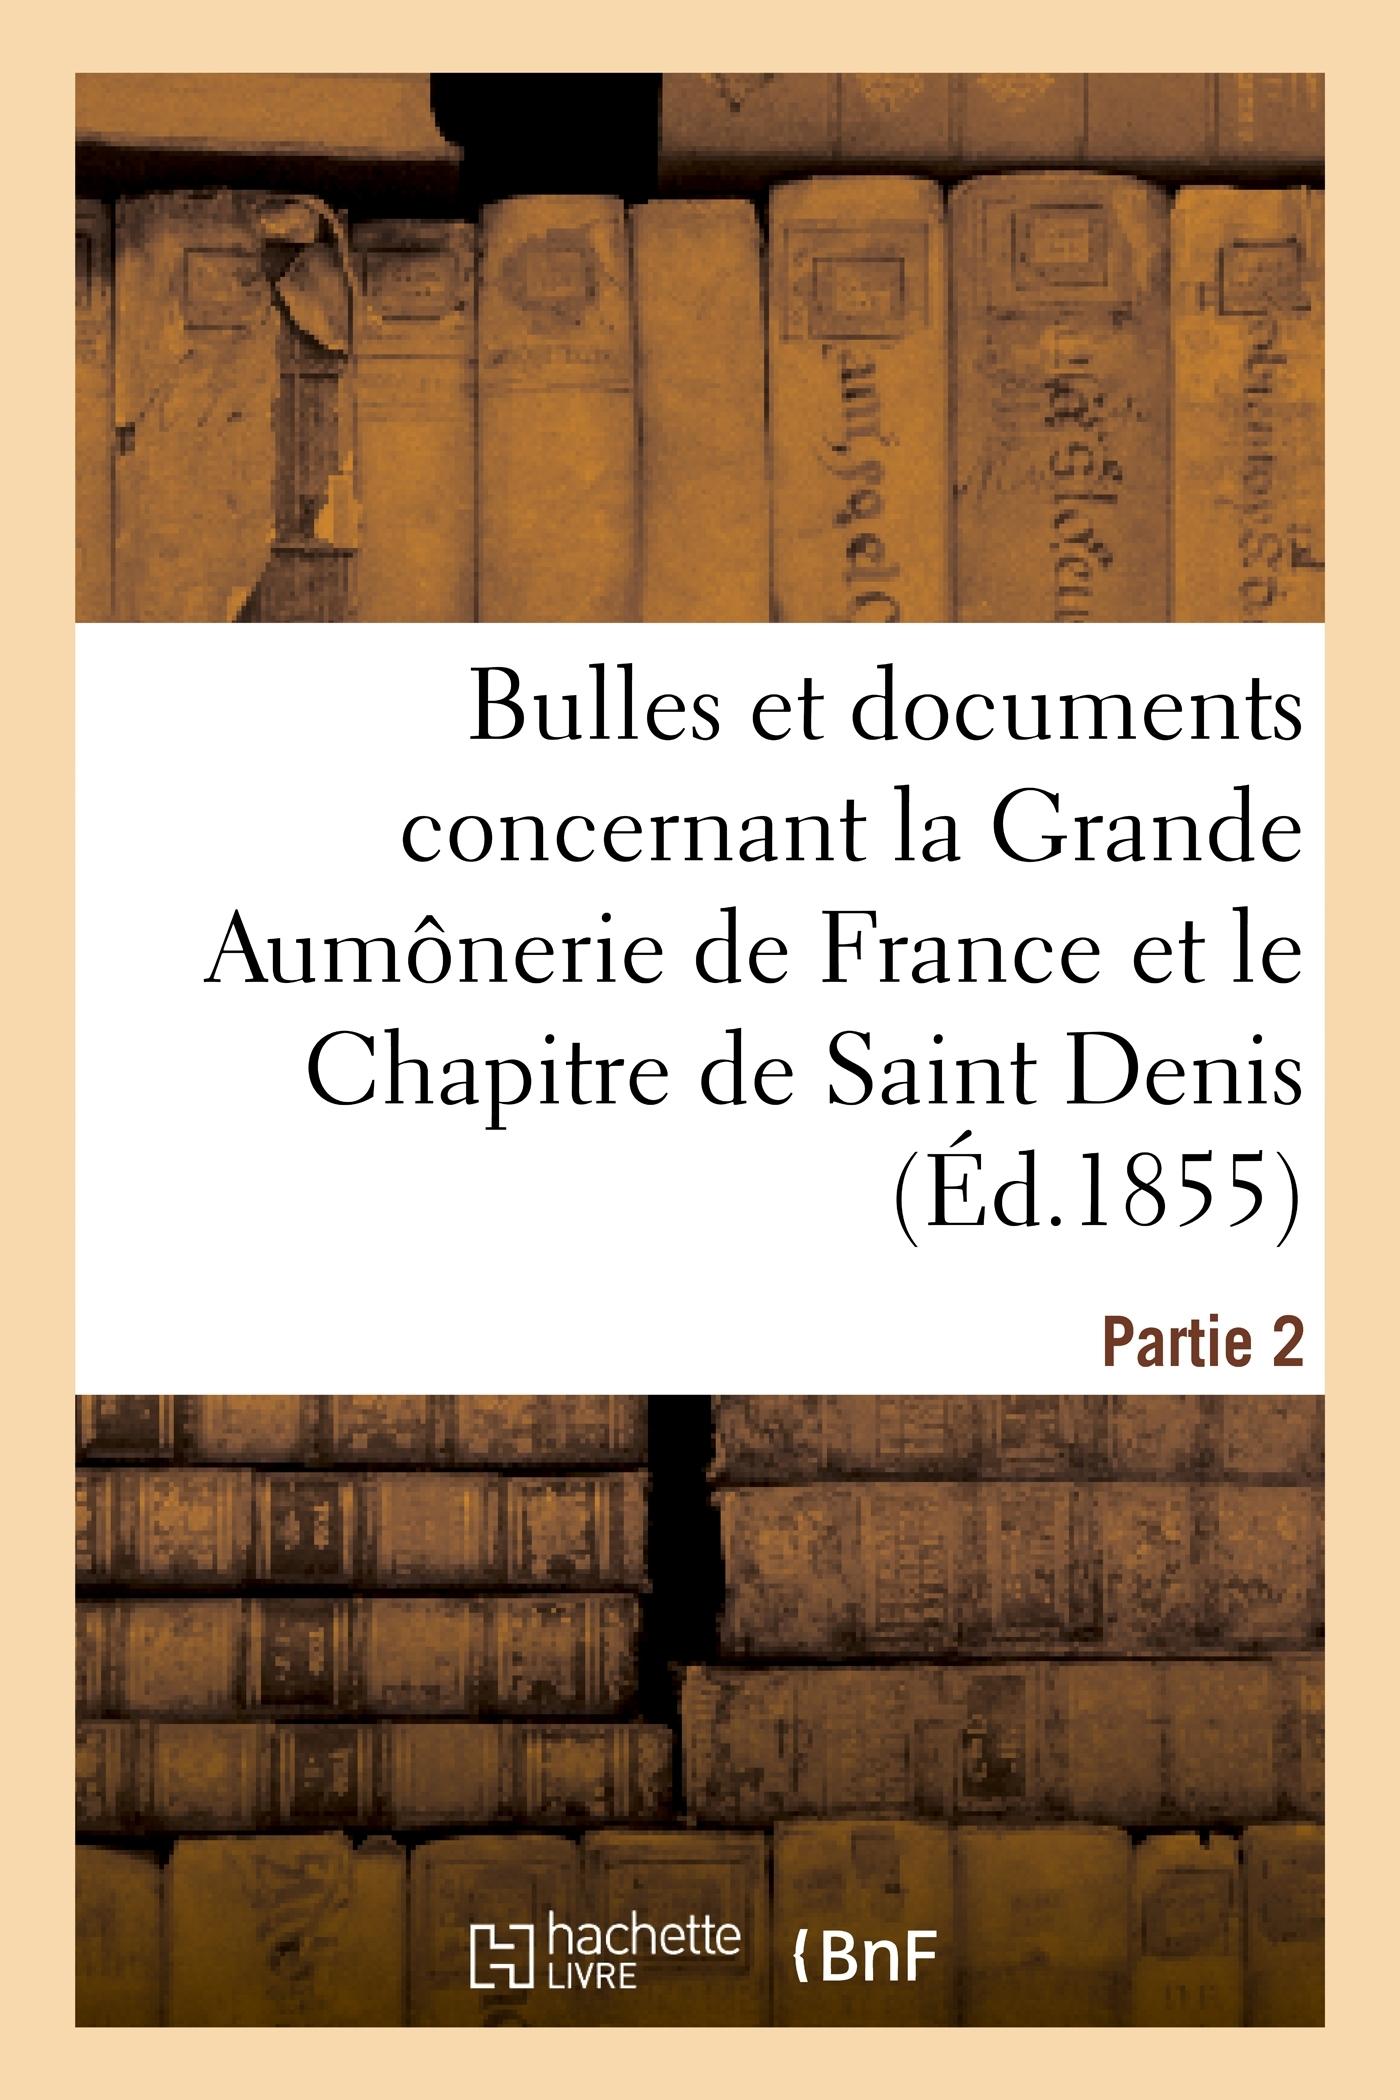 BULLES ET DOCUMENTS CONCERNANT LA GRANDE AUMONERIE DE FRANCE ET LE CHAPITRE DE SAINT DENIS. PARTIE 2